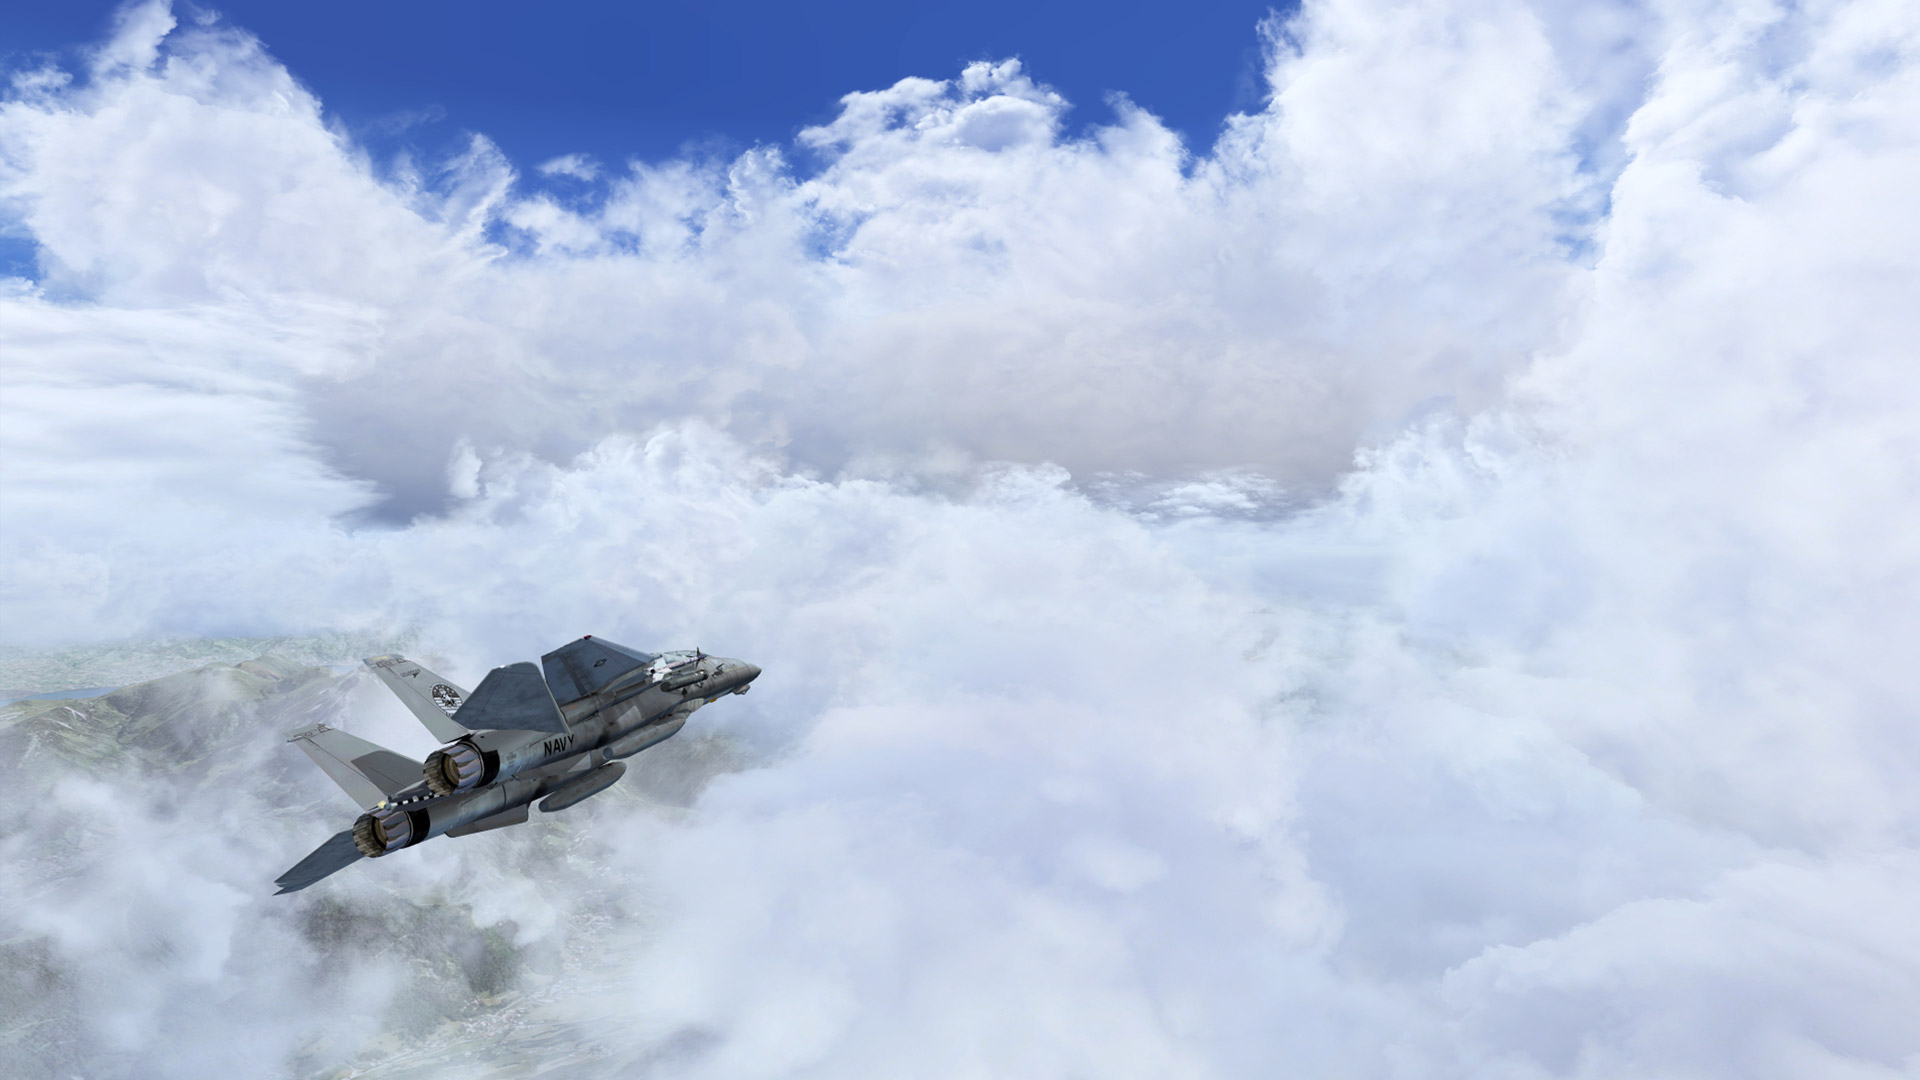 Free Flight Simulator X Wallpaper in 1920x1080